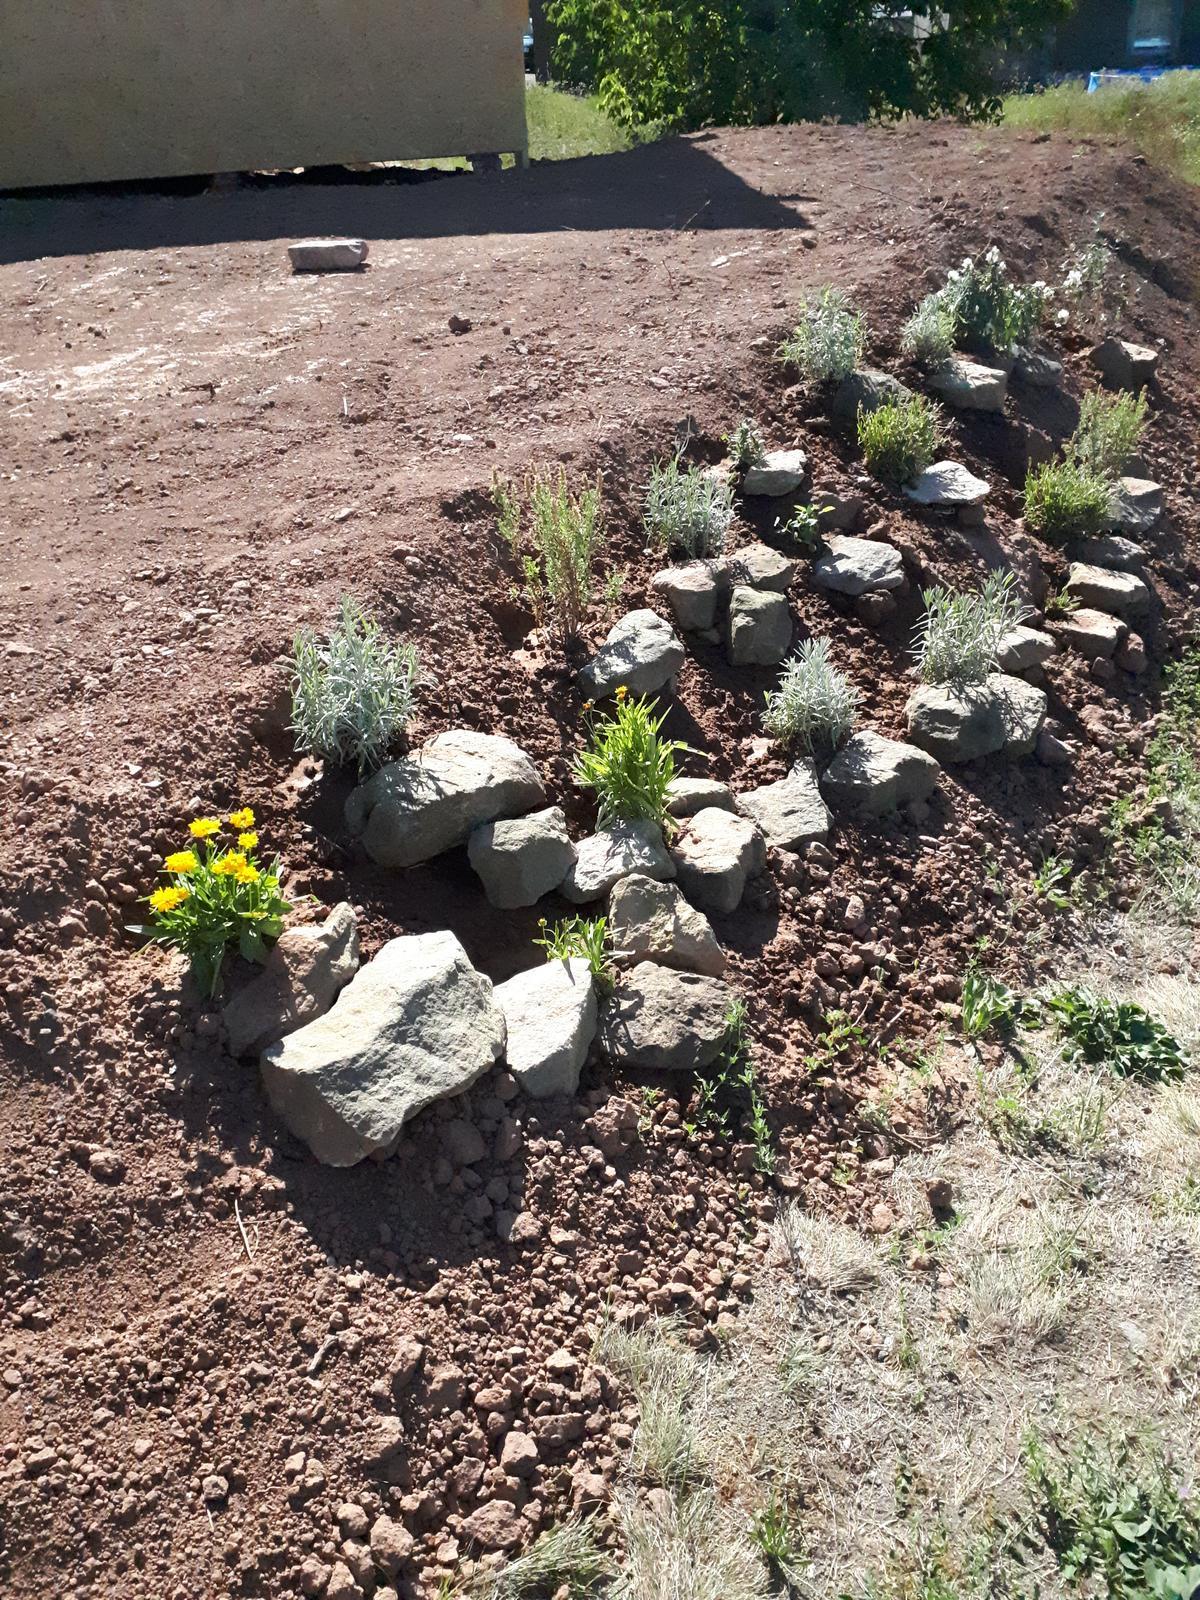 Venku (tam kde už to nevypadá jako staveniště) - Postupně zkulturňuji další kus zahrady, přidávám kameny a brzy nahoru vyseji trávník